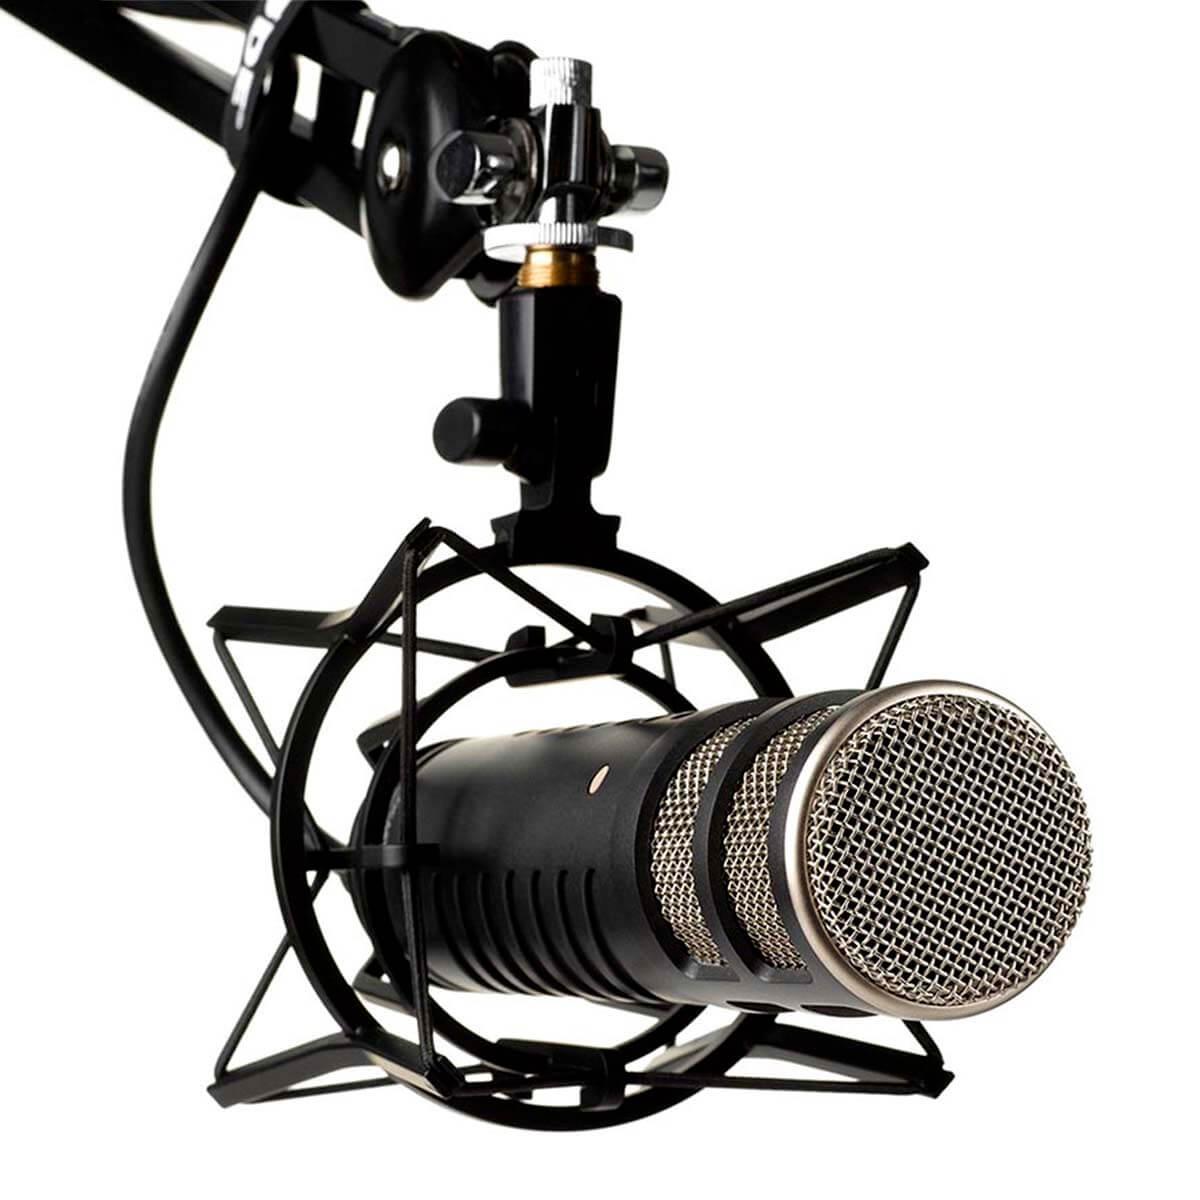 Microfone Broadcast Rode Procaster Dinâmico